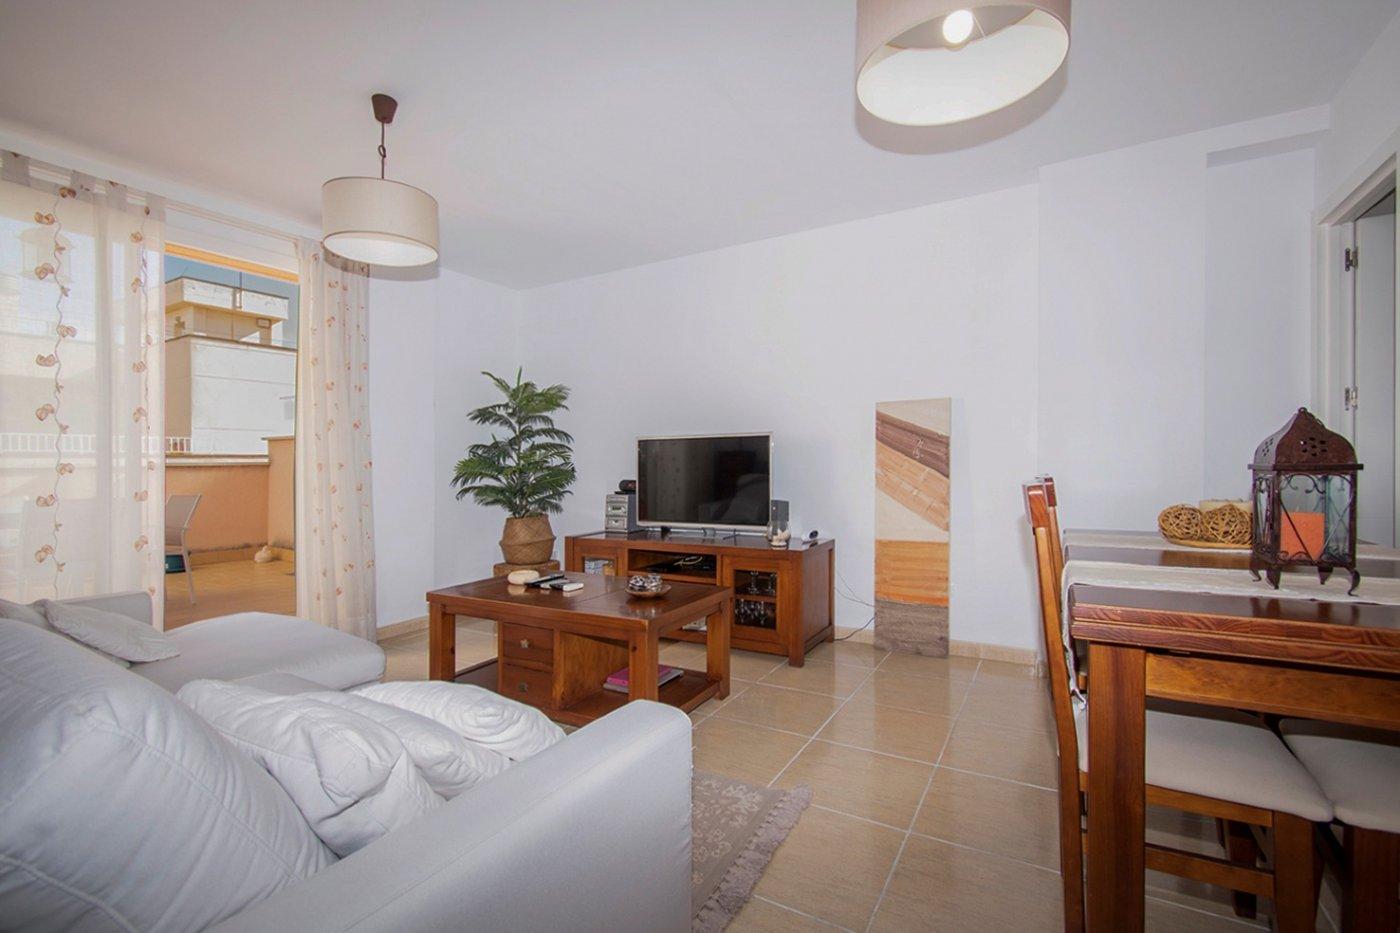 Ático-dÚplex de 3 habitaciones con terraza en planta en pedro garau (parking opcional) - imagenInmueble5